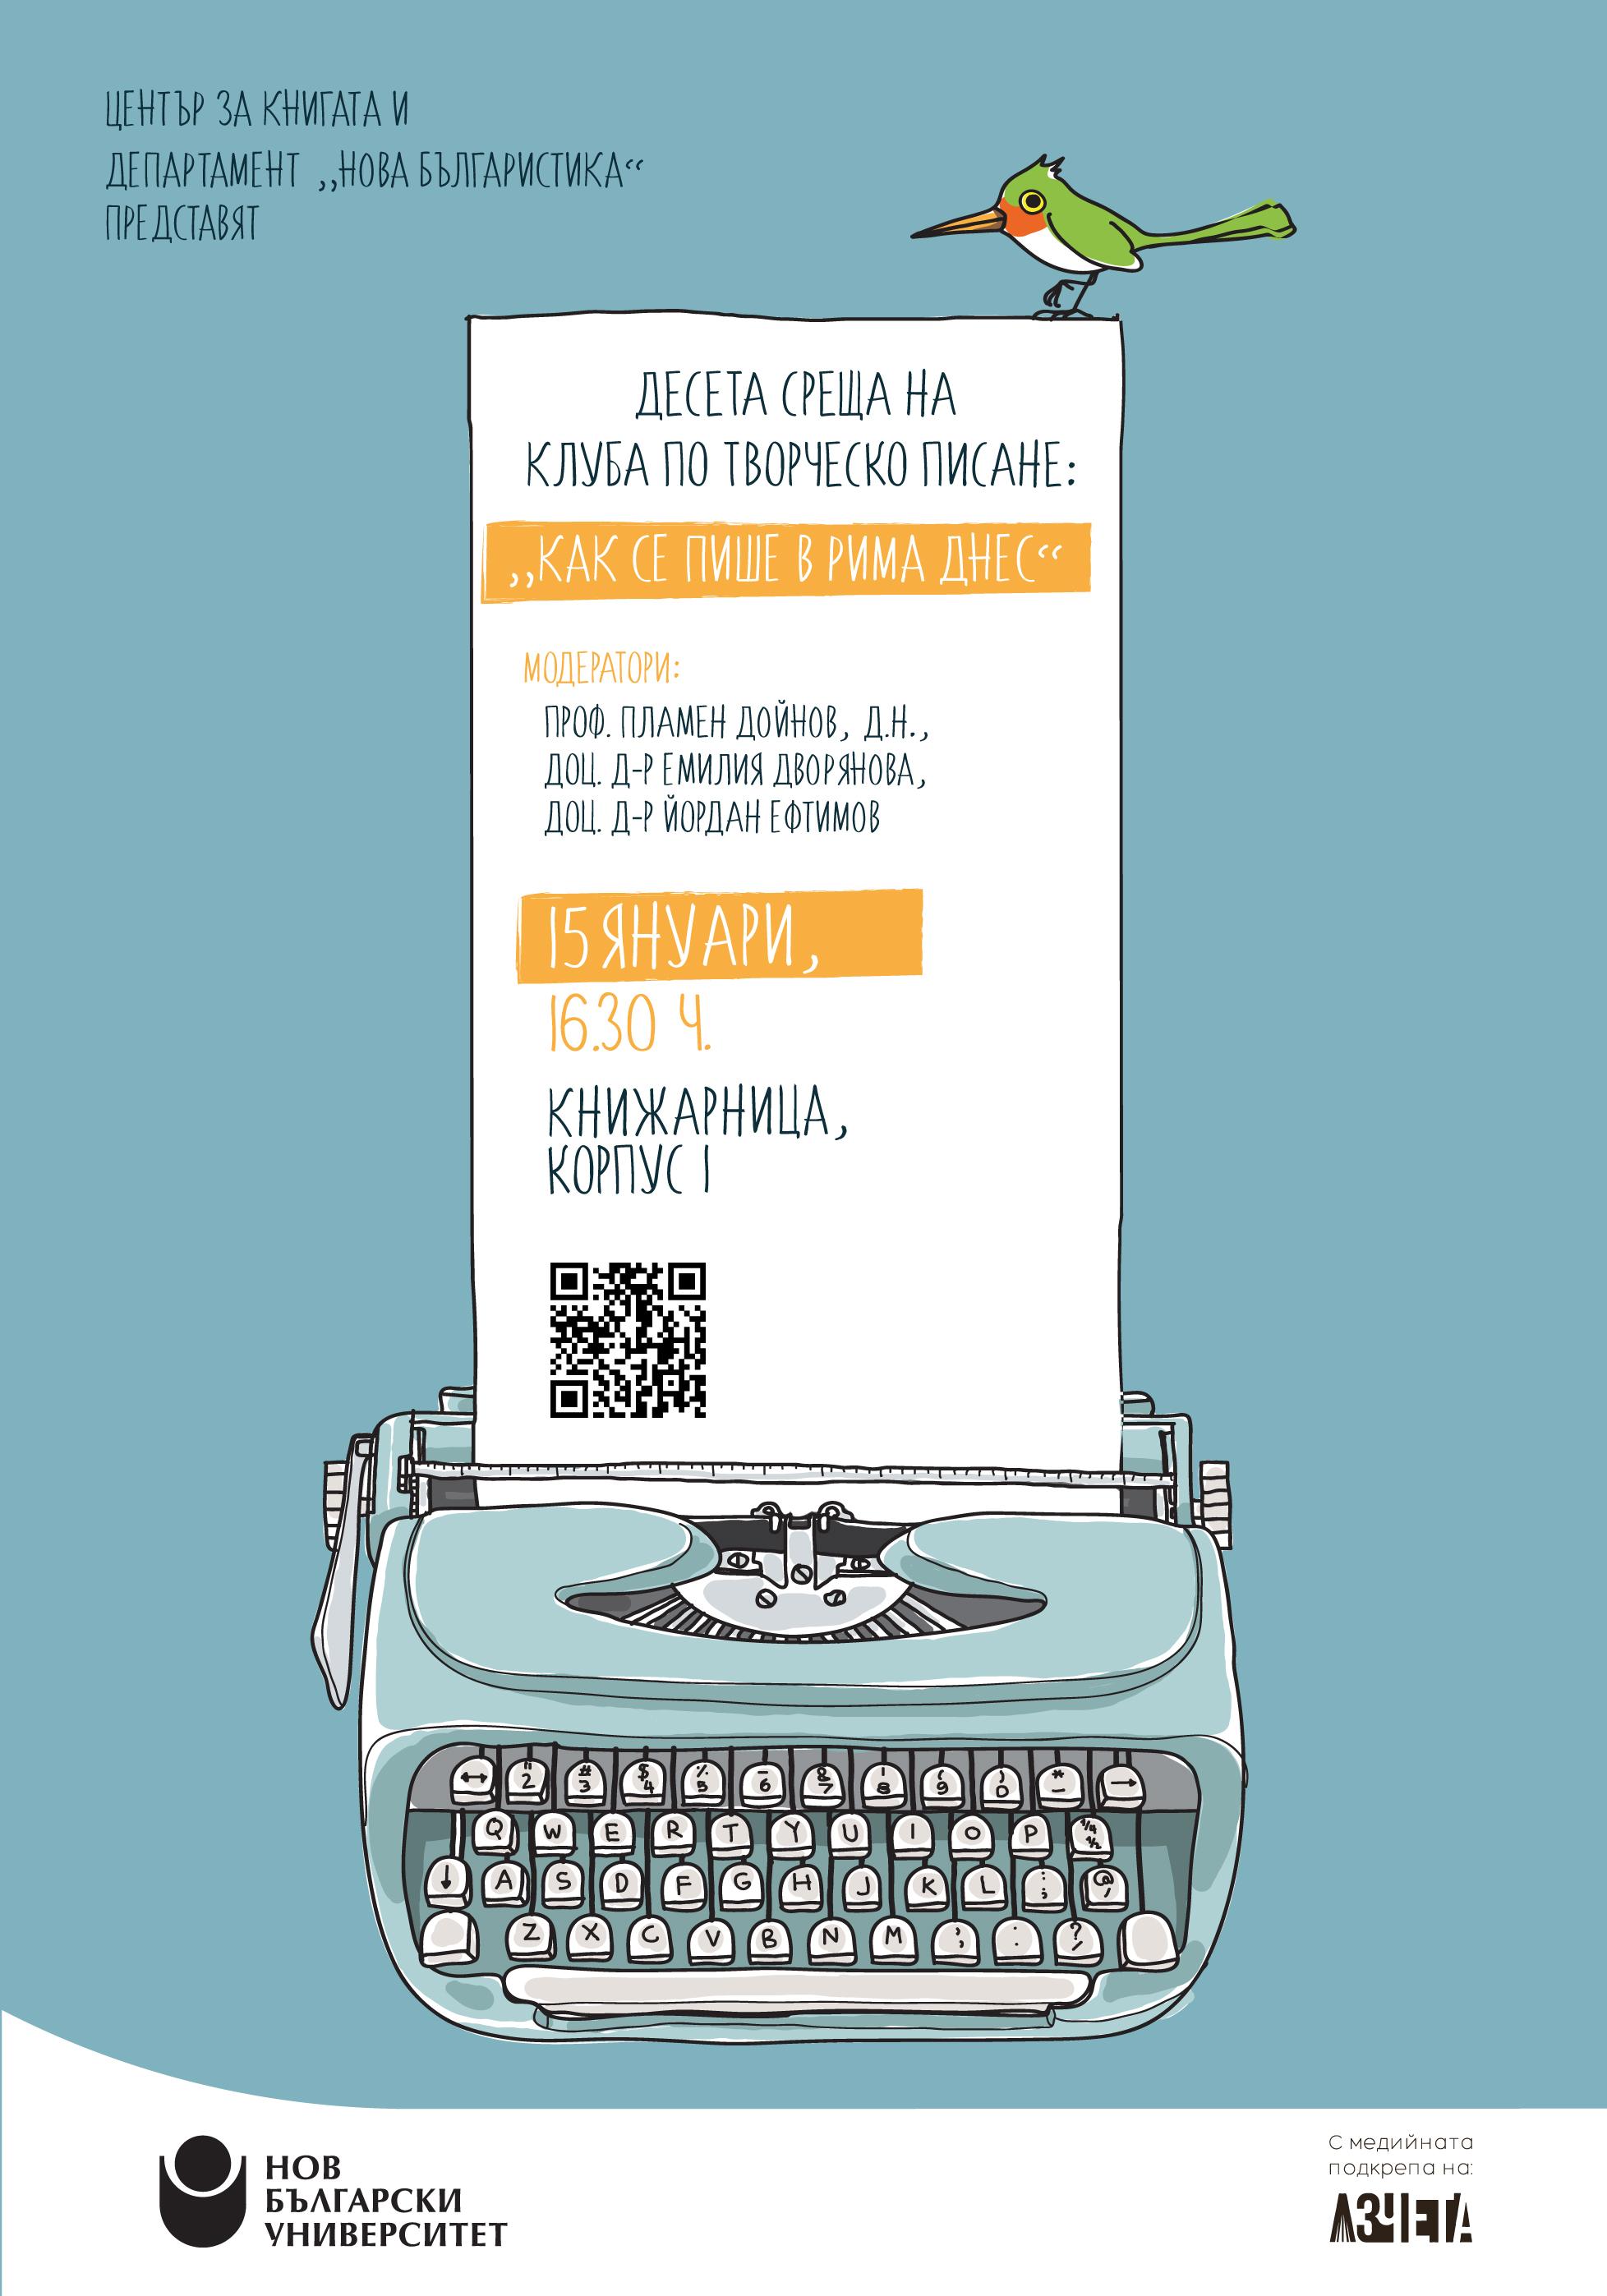 Десета среща на Клуб по творческо писане: Как се пише в рима днес